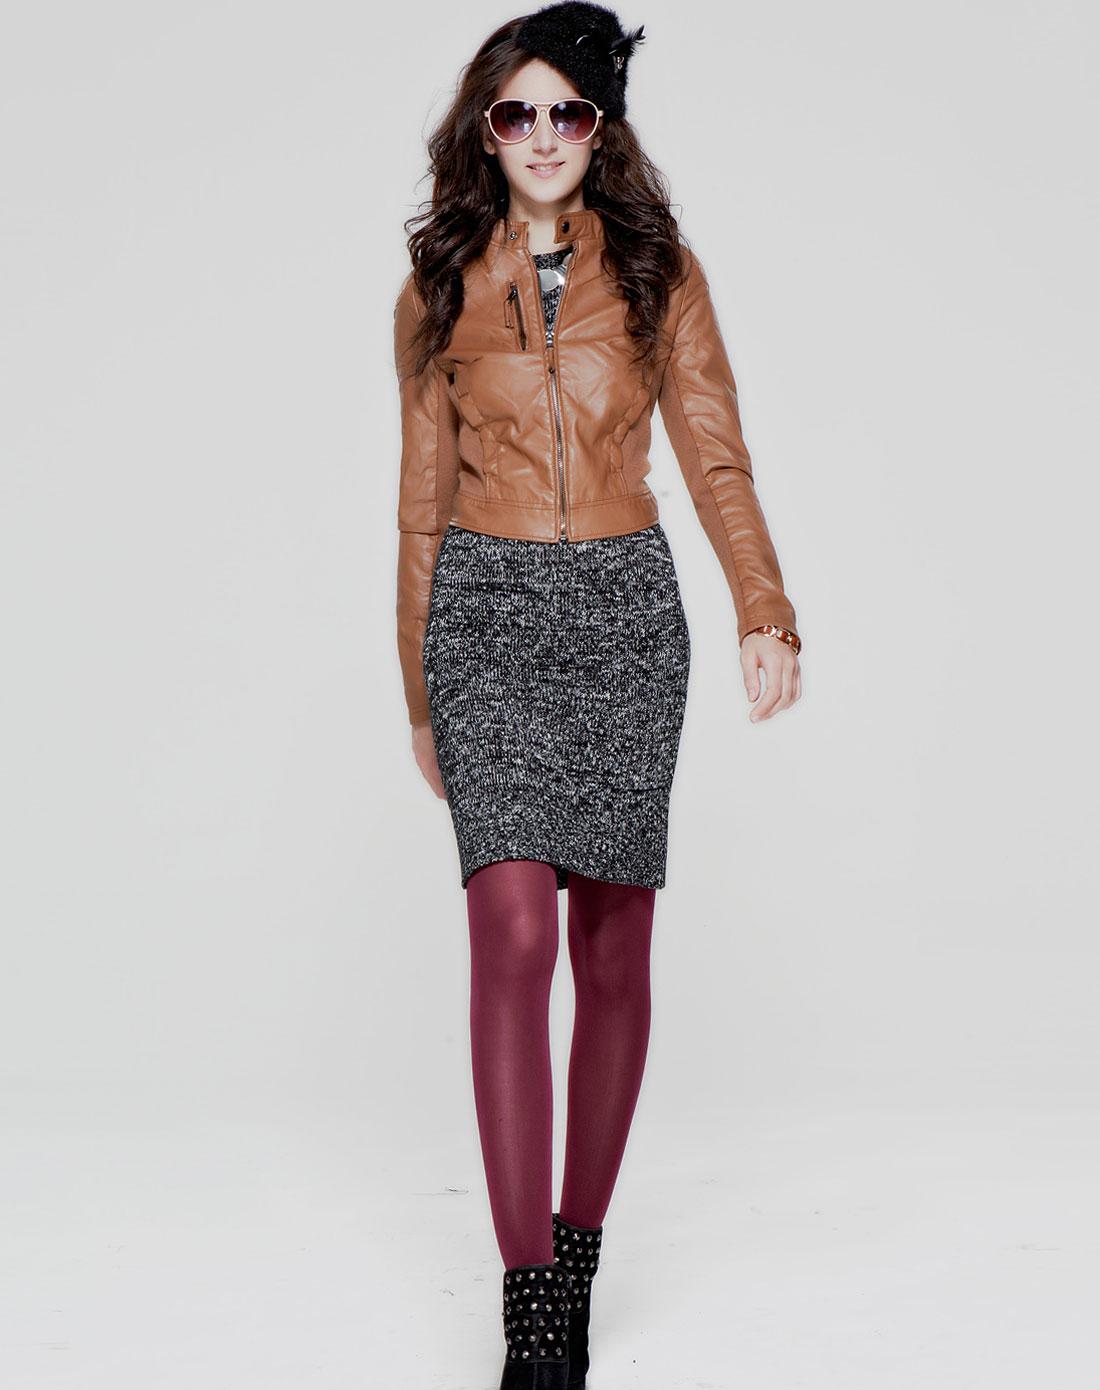 简时尚品justyle_简时尚品justyle女装专场-咖啡色个性时尚长袖皮衣